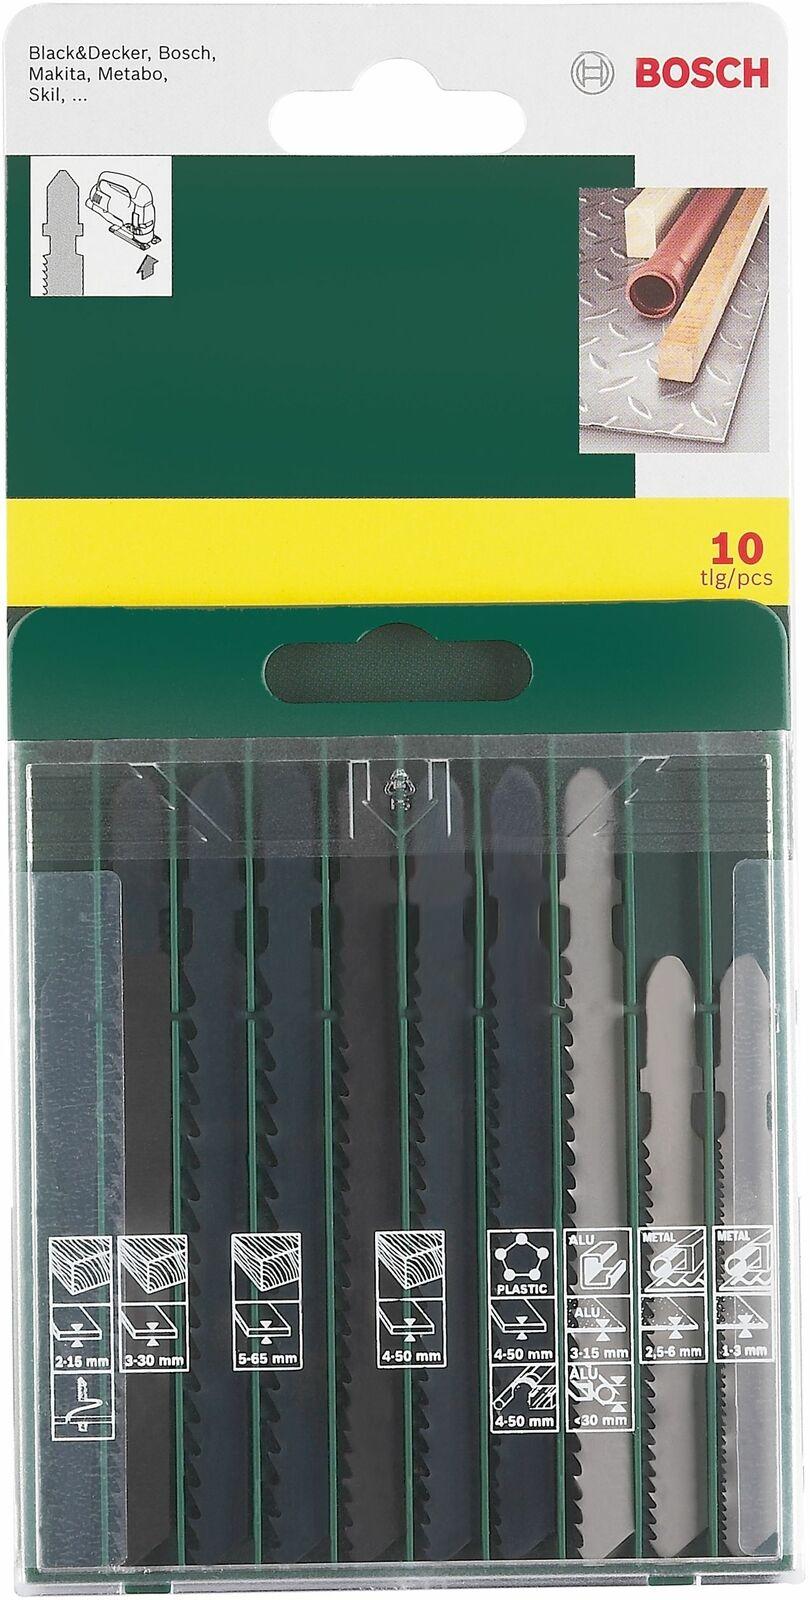 Bosch 10 Piece Jigsaw T-Shank Blade Set - £6 Free Click & Collect Only (UK Mainland) @ Argos / eBay